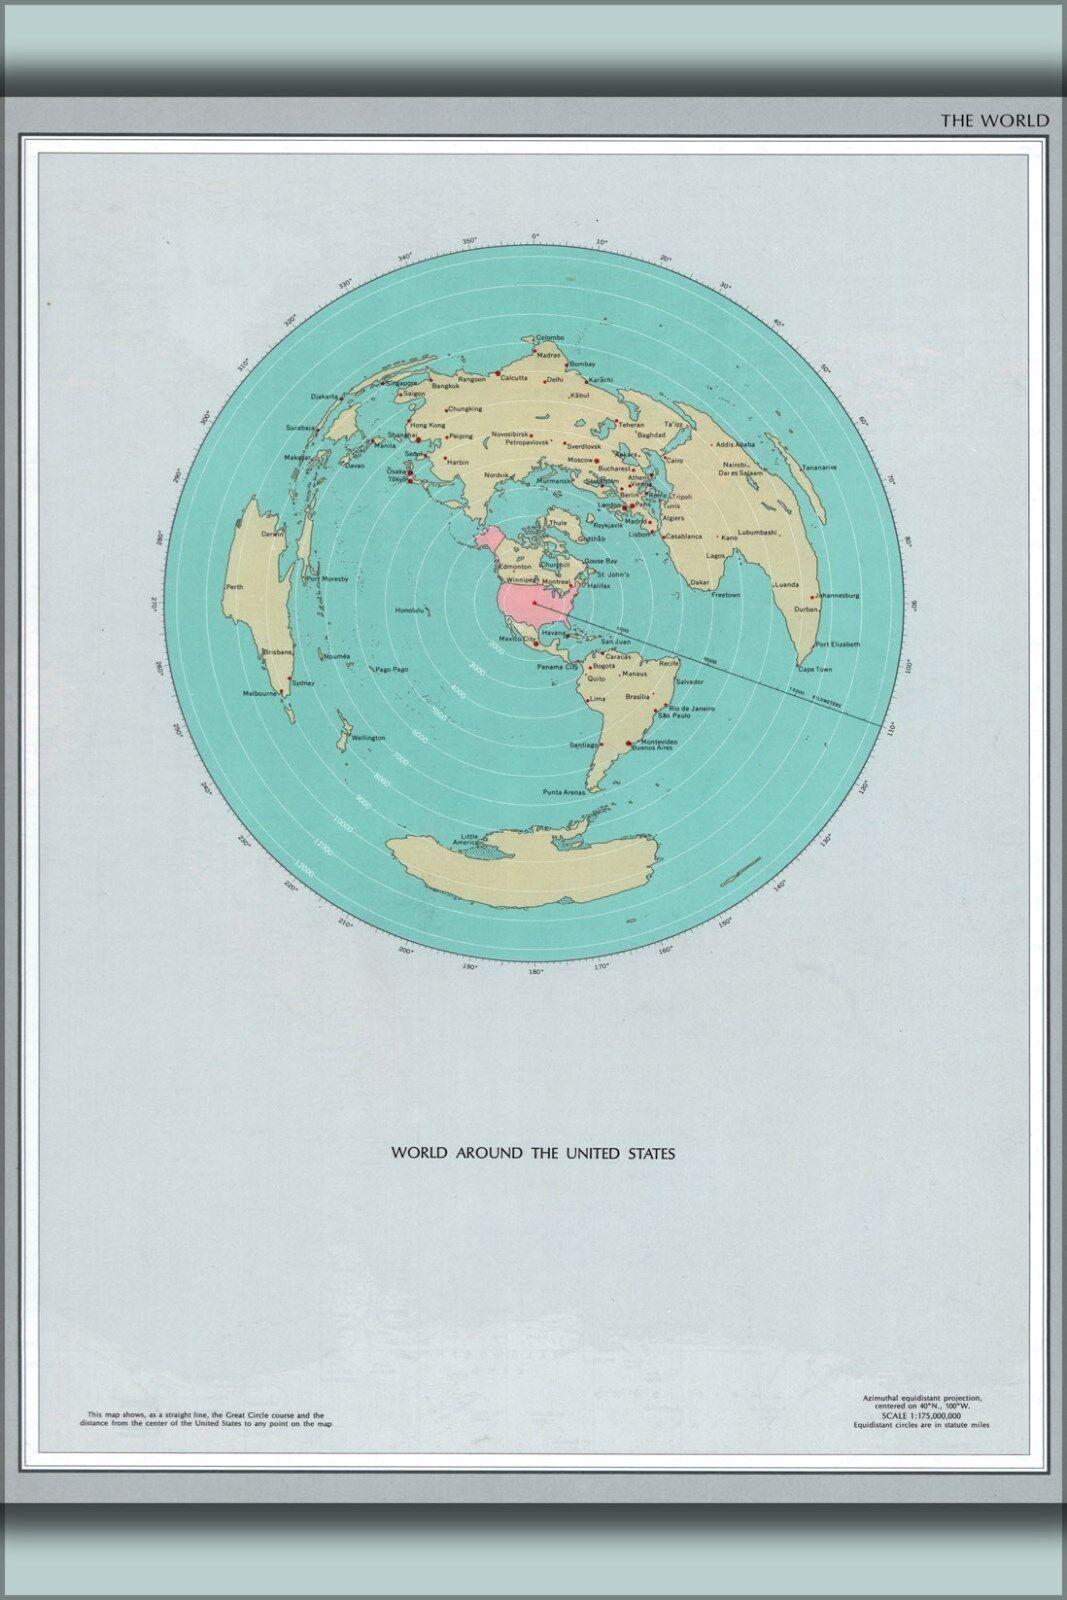 Plakat, Viele Größen; Karte von Weltweit um die Vereinigte Staaten